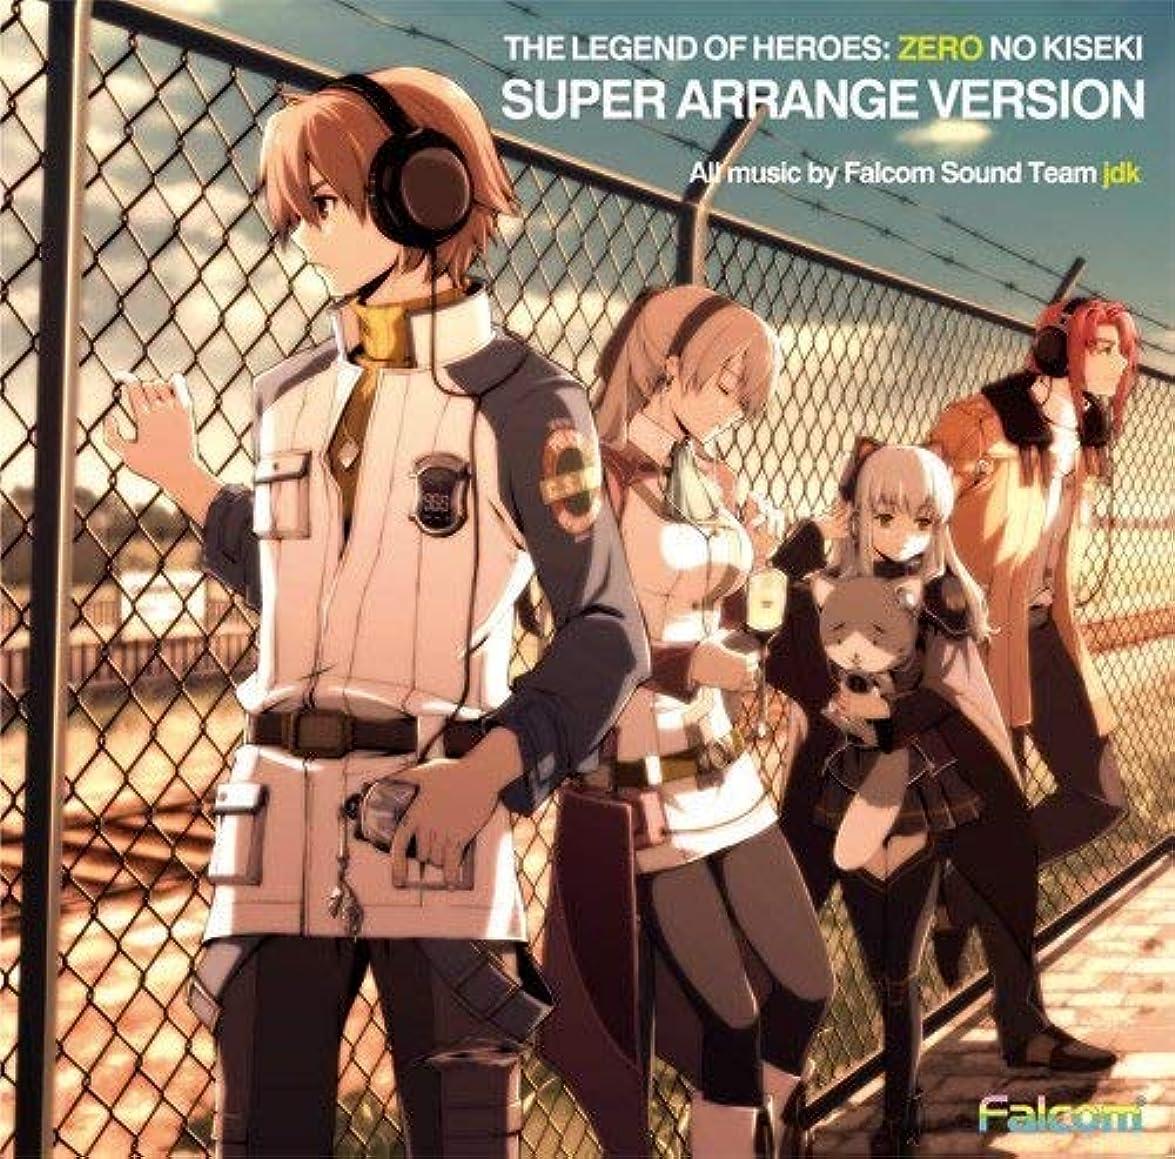 娯楽ニンニクナイロン日本ファルコム 英雄伝説 零の軌跡 スーパーアレンジバージョン